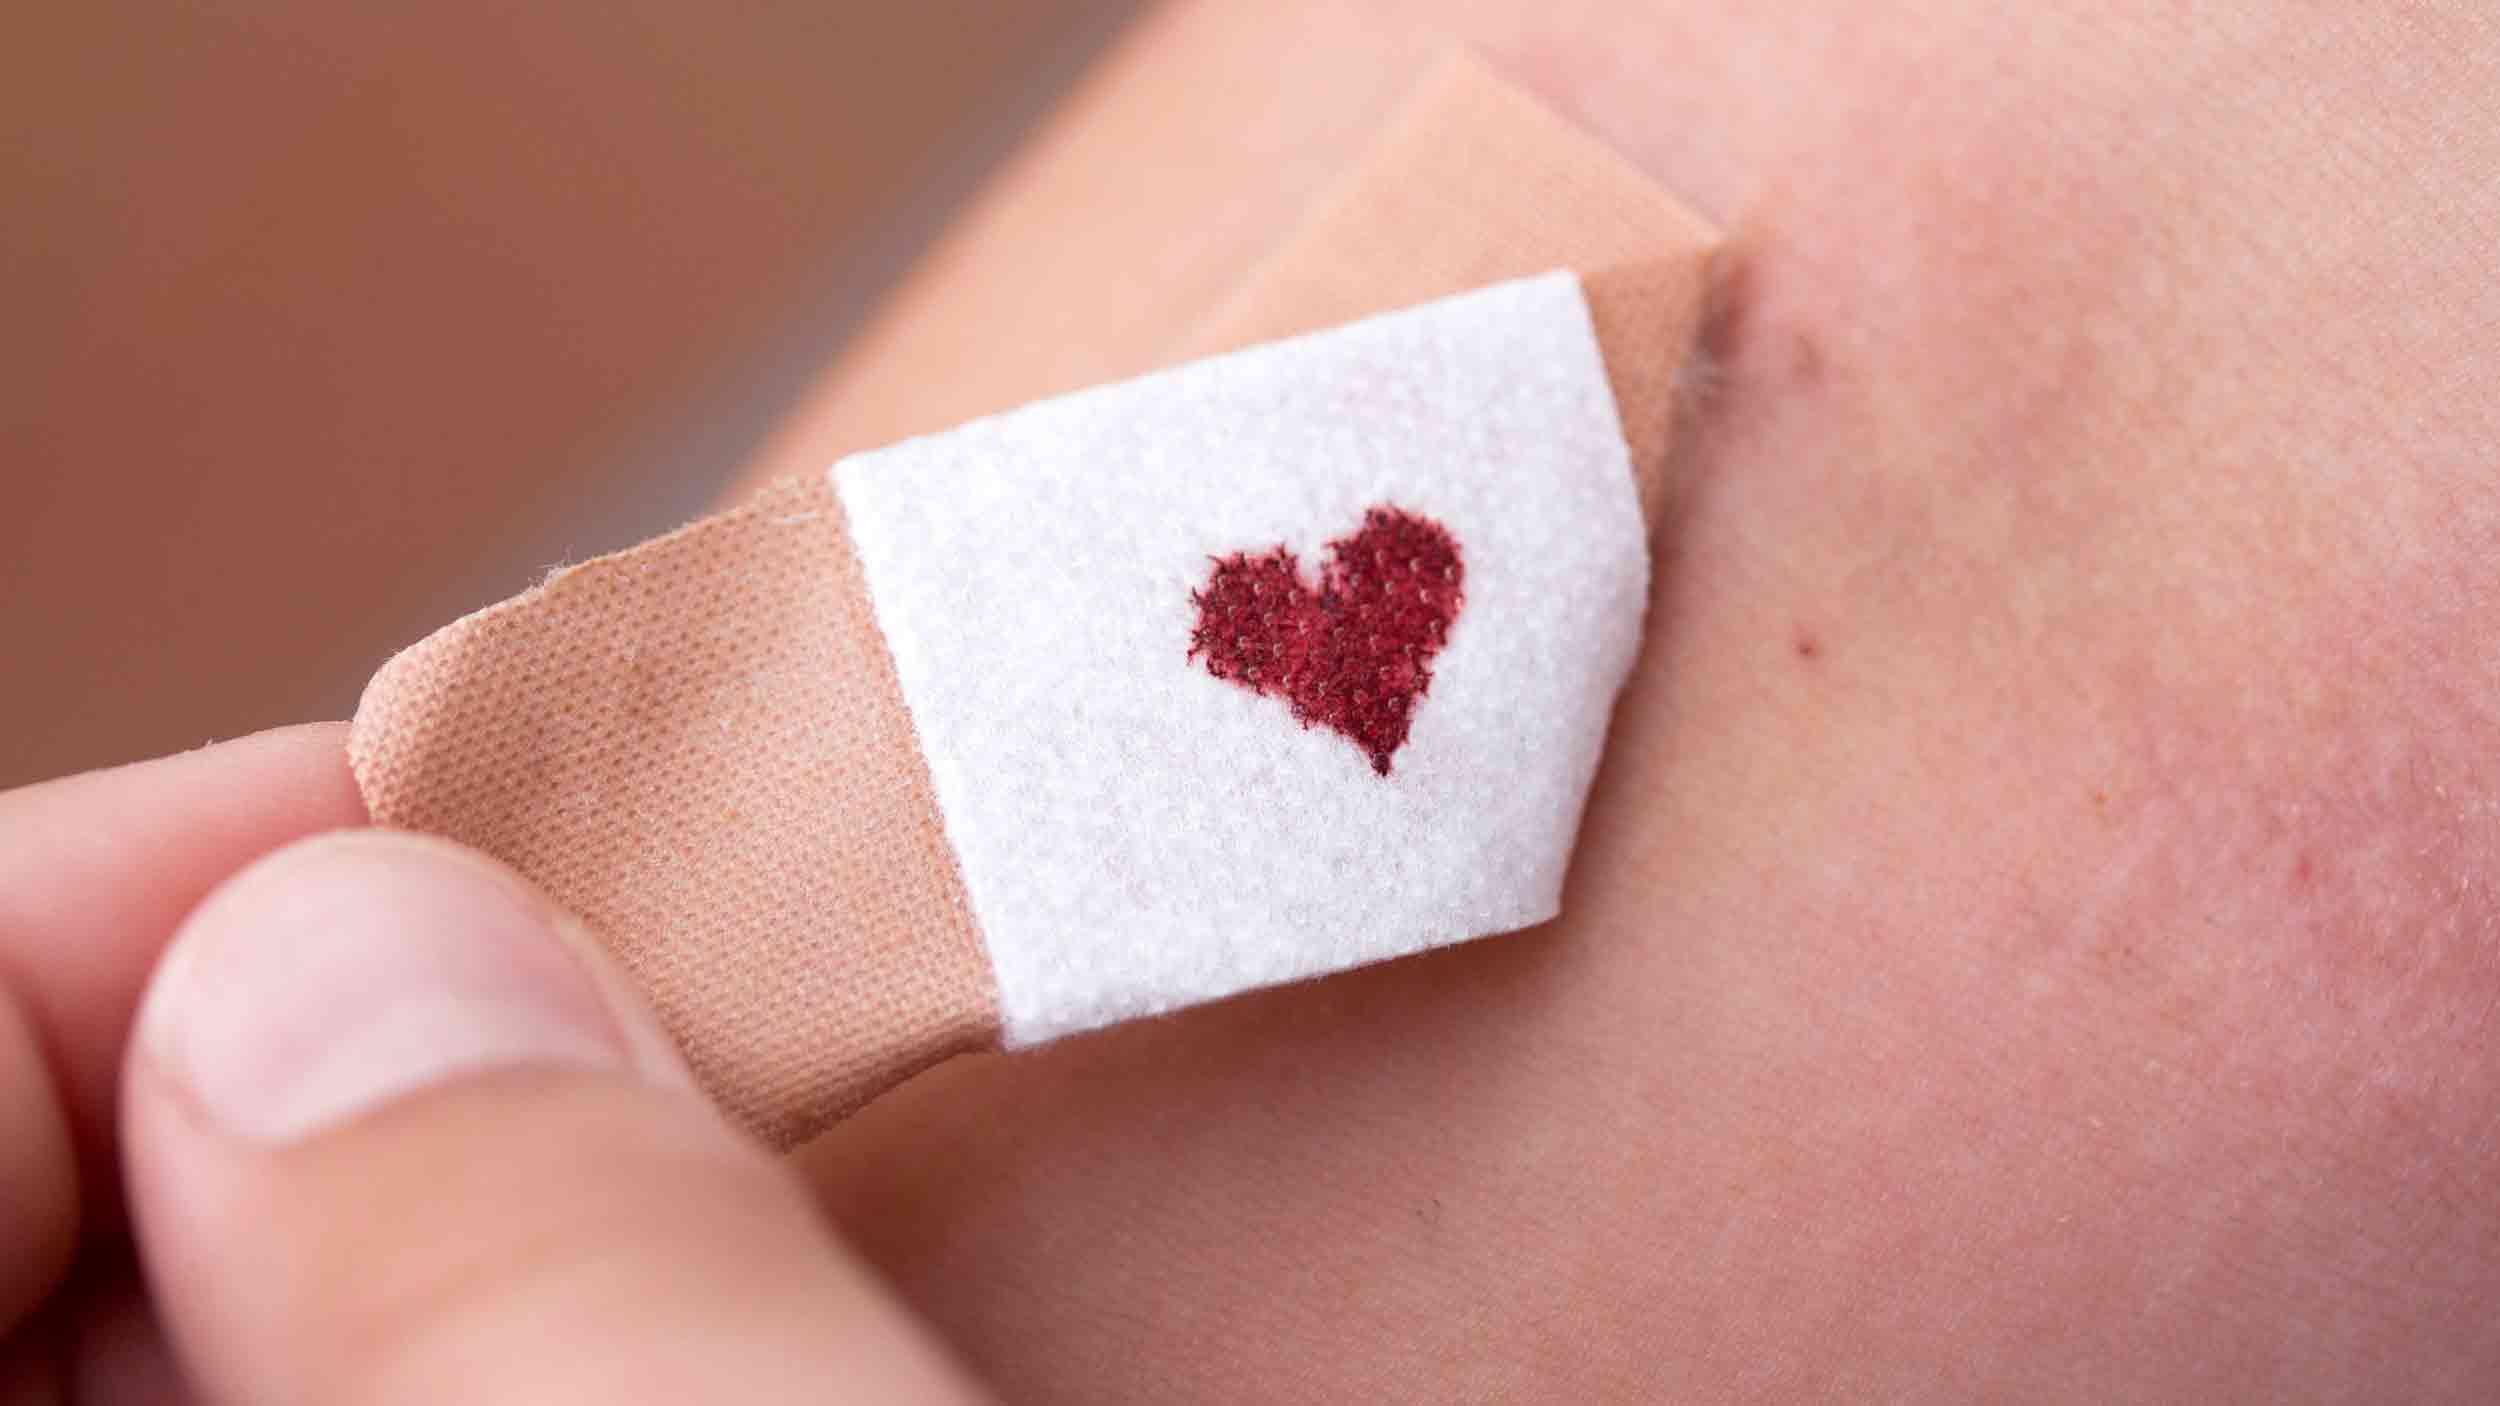 Pflaster Blutfleck Herzform wird abgezogen